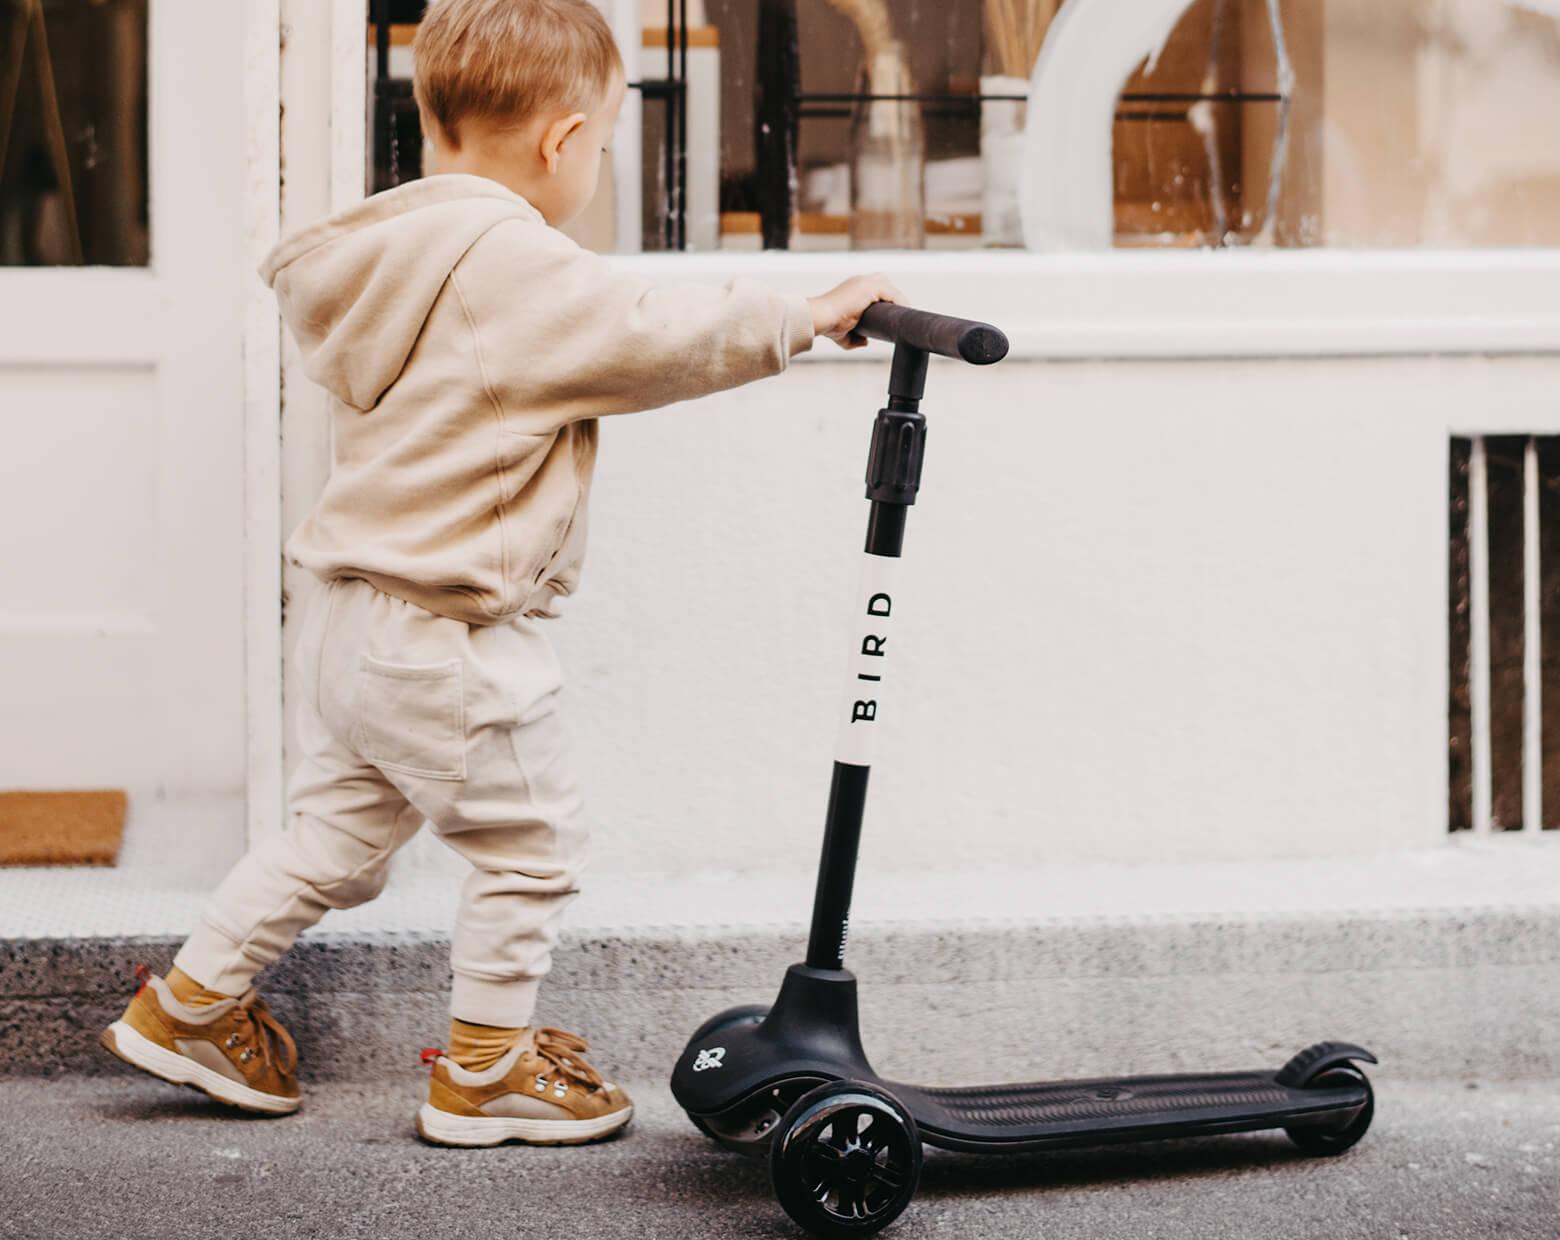 Aktivna igra na prostem Vedno več staršev pri nakupu igrač skrbno preveri kakovost materialov in ustrezne varnostne certifikate. Za nakup se še raje odločijo, če igrače otroku omogočajo razvoj različnih spretnosti.